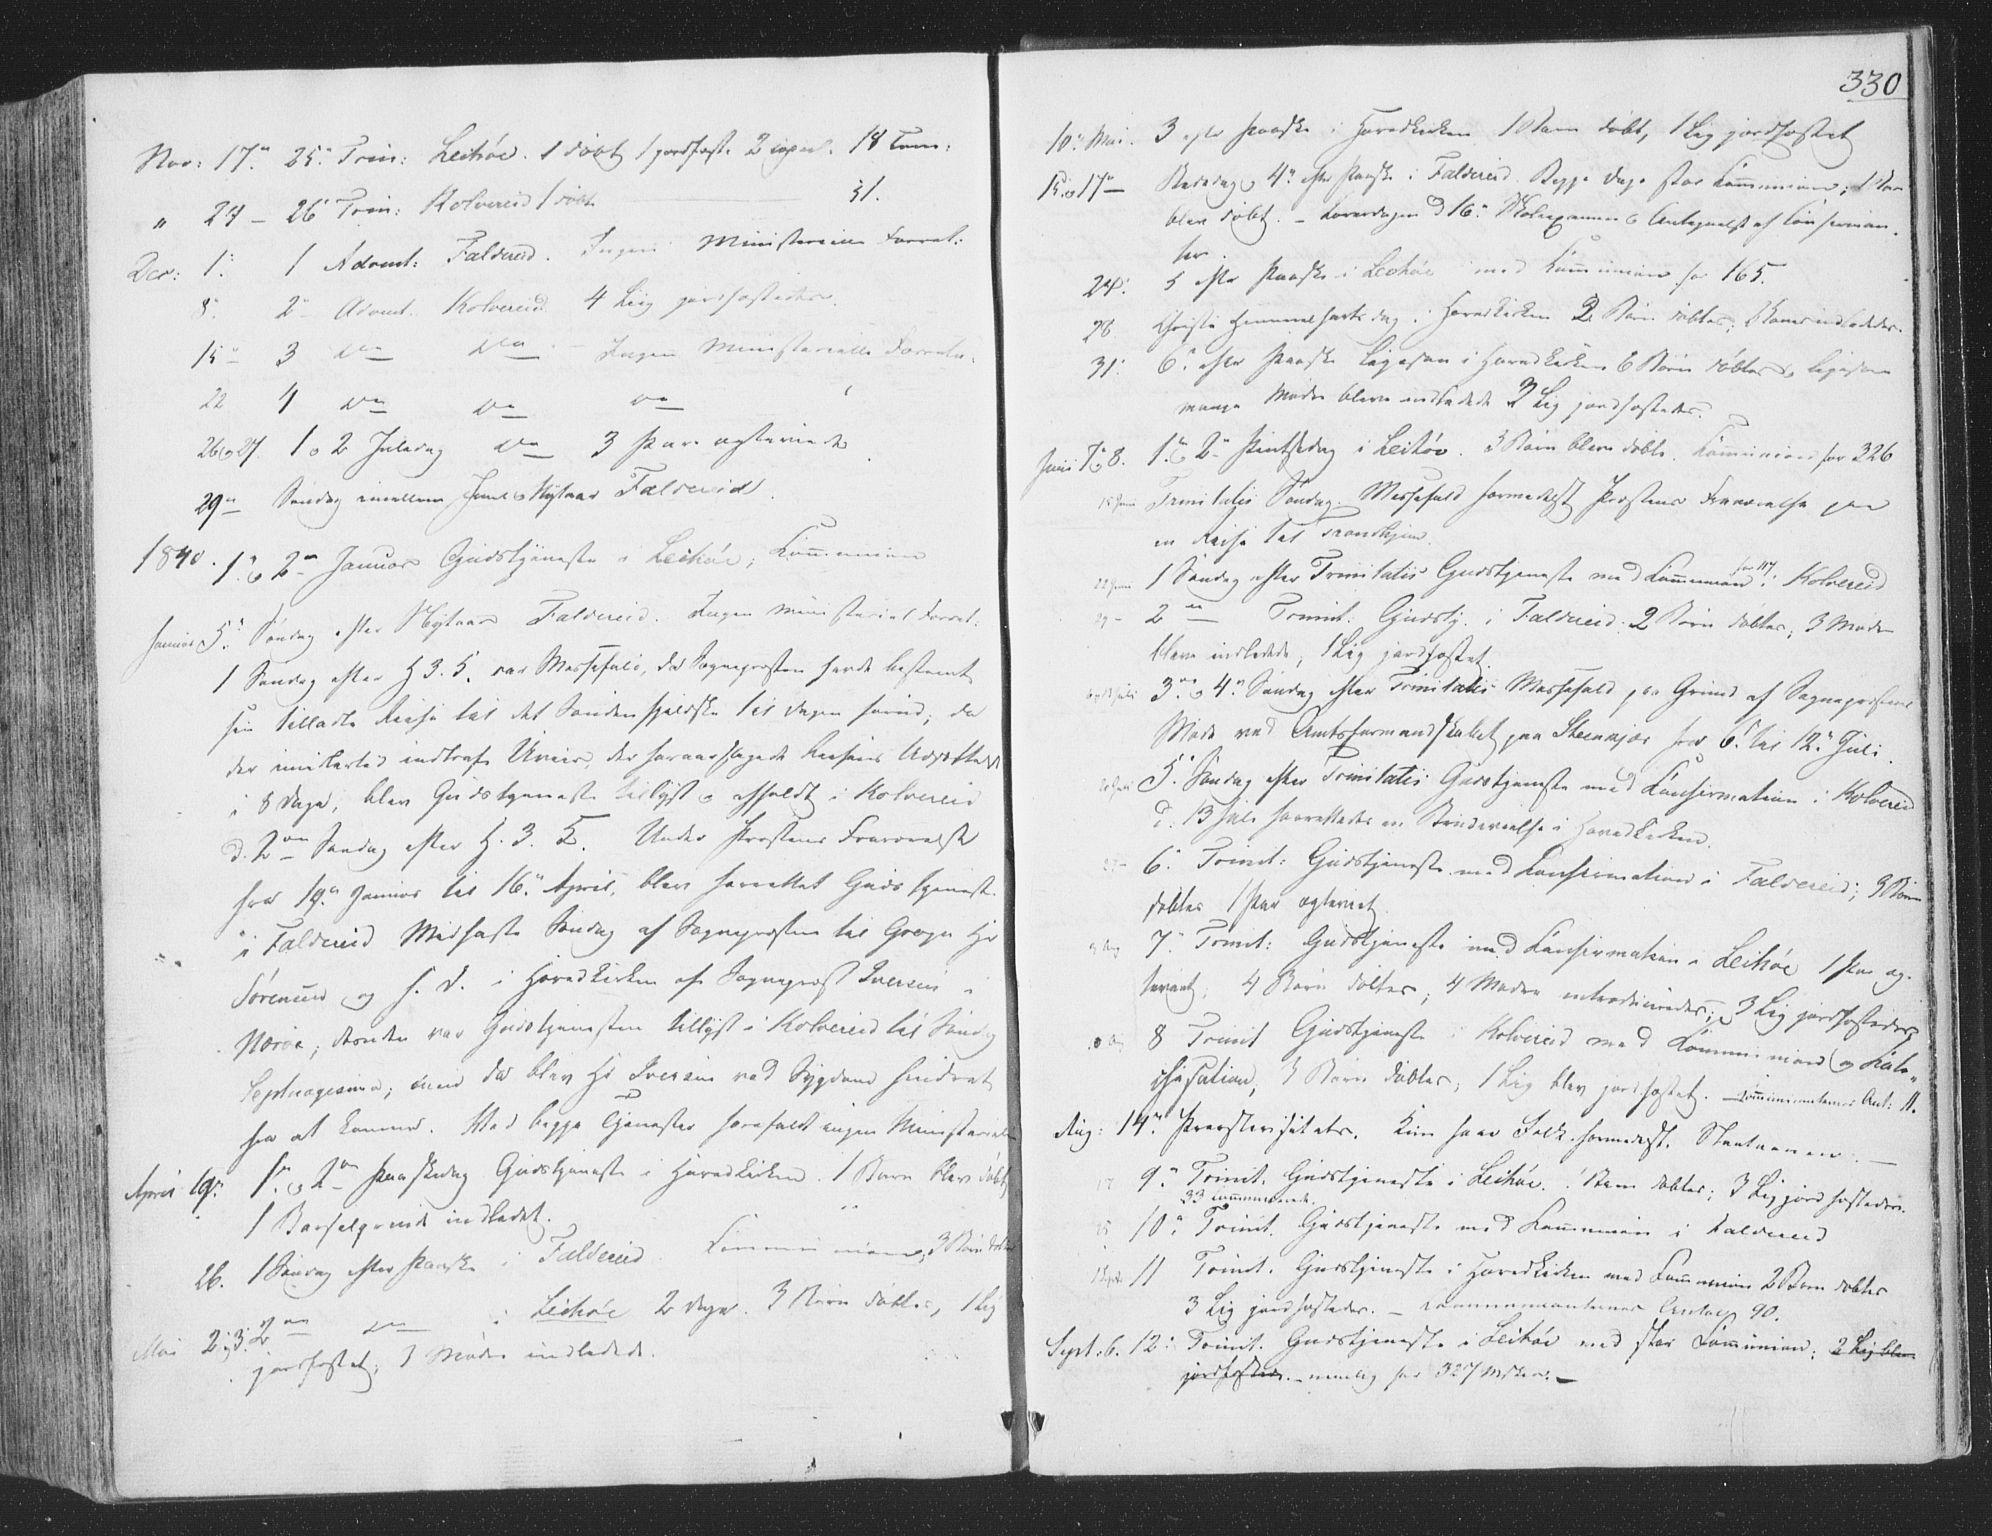 SAT, Ministerialprotokoller, klokkerbøker og fødselsregistre - Nord-Trøndelag, 780/L0639: Ministerialbok nr. 780A04, 1830-1844, s. 330